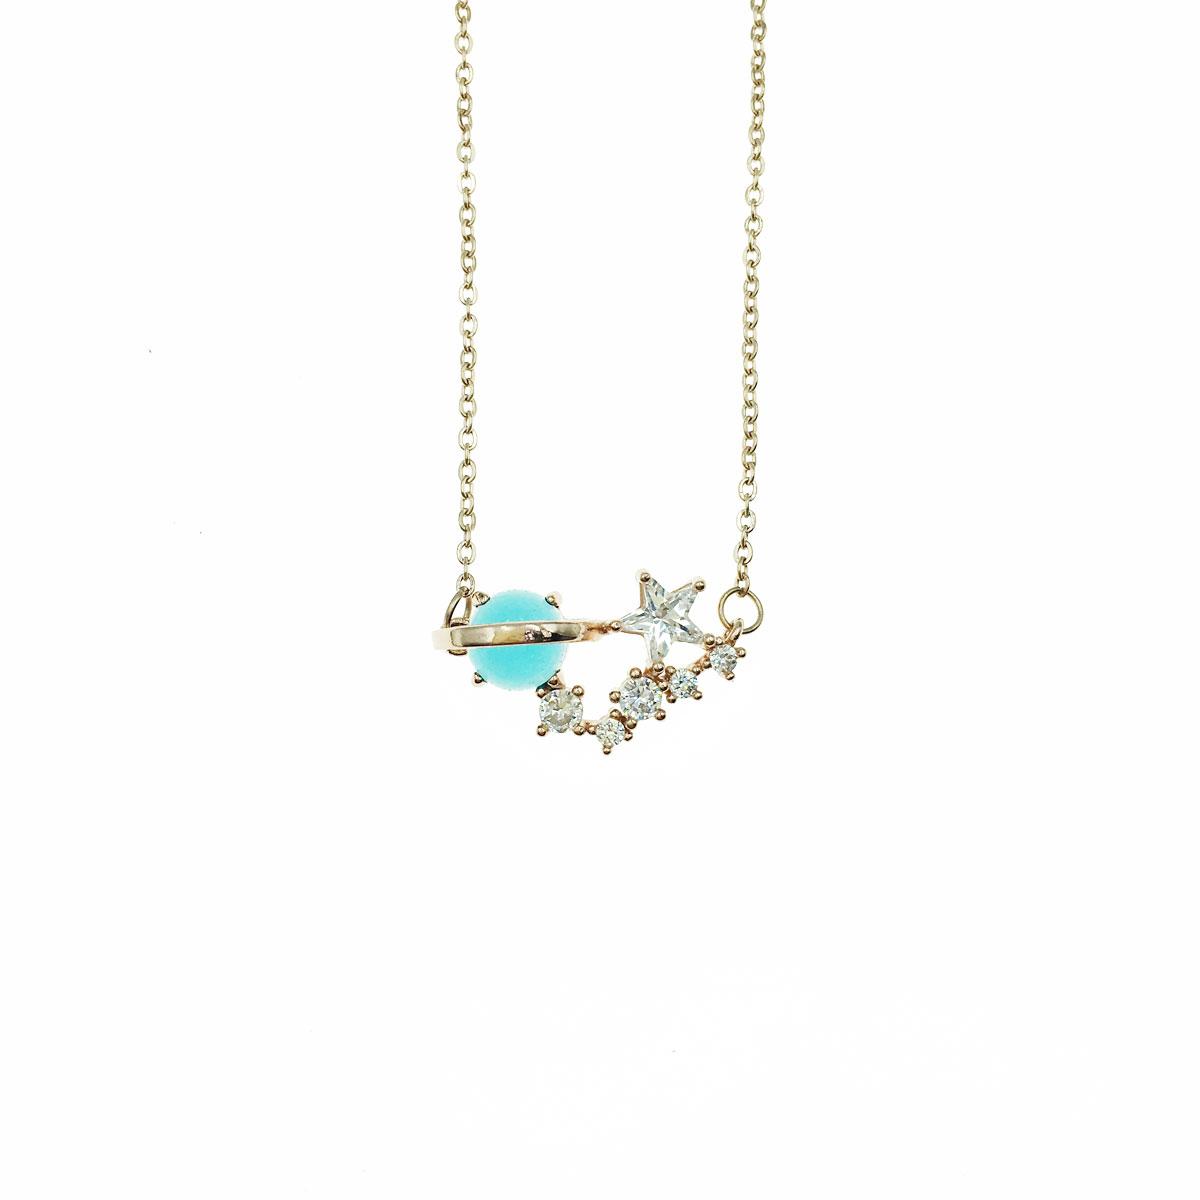 韓國 不銹鋼 水鑽 星星 星球 鎖骨鍊 短鍊 項鍊 飾品